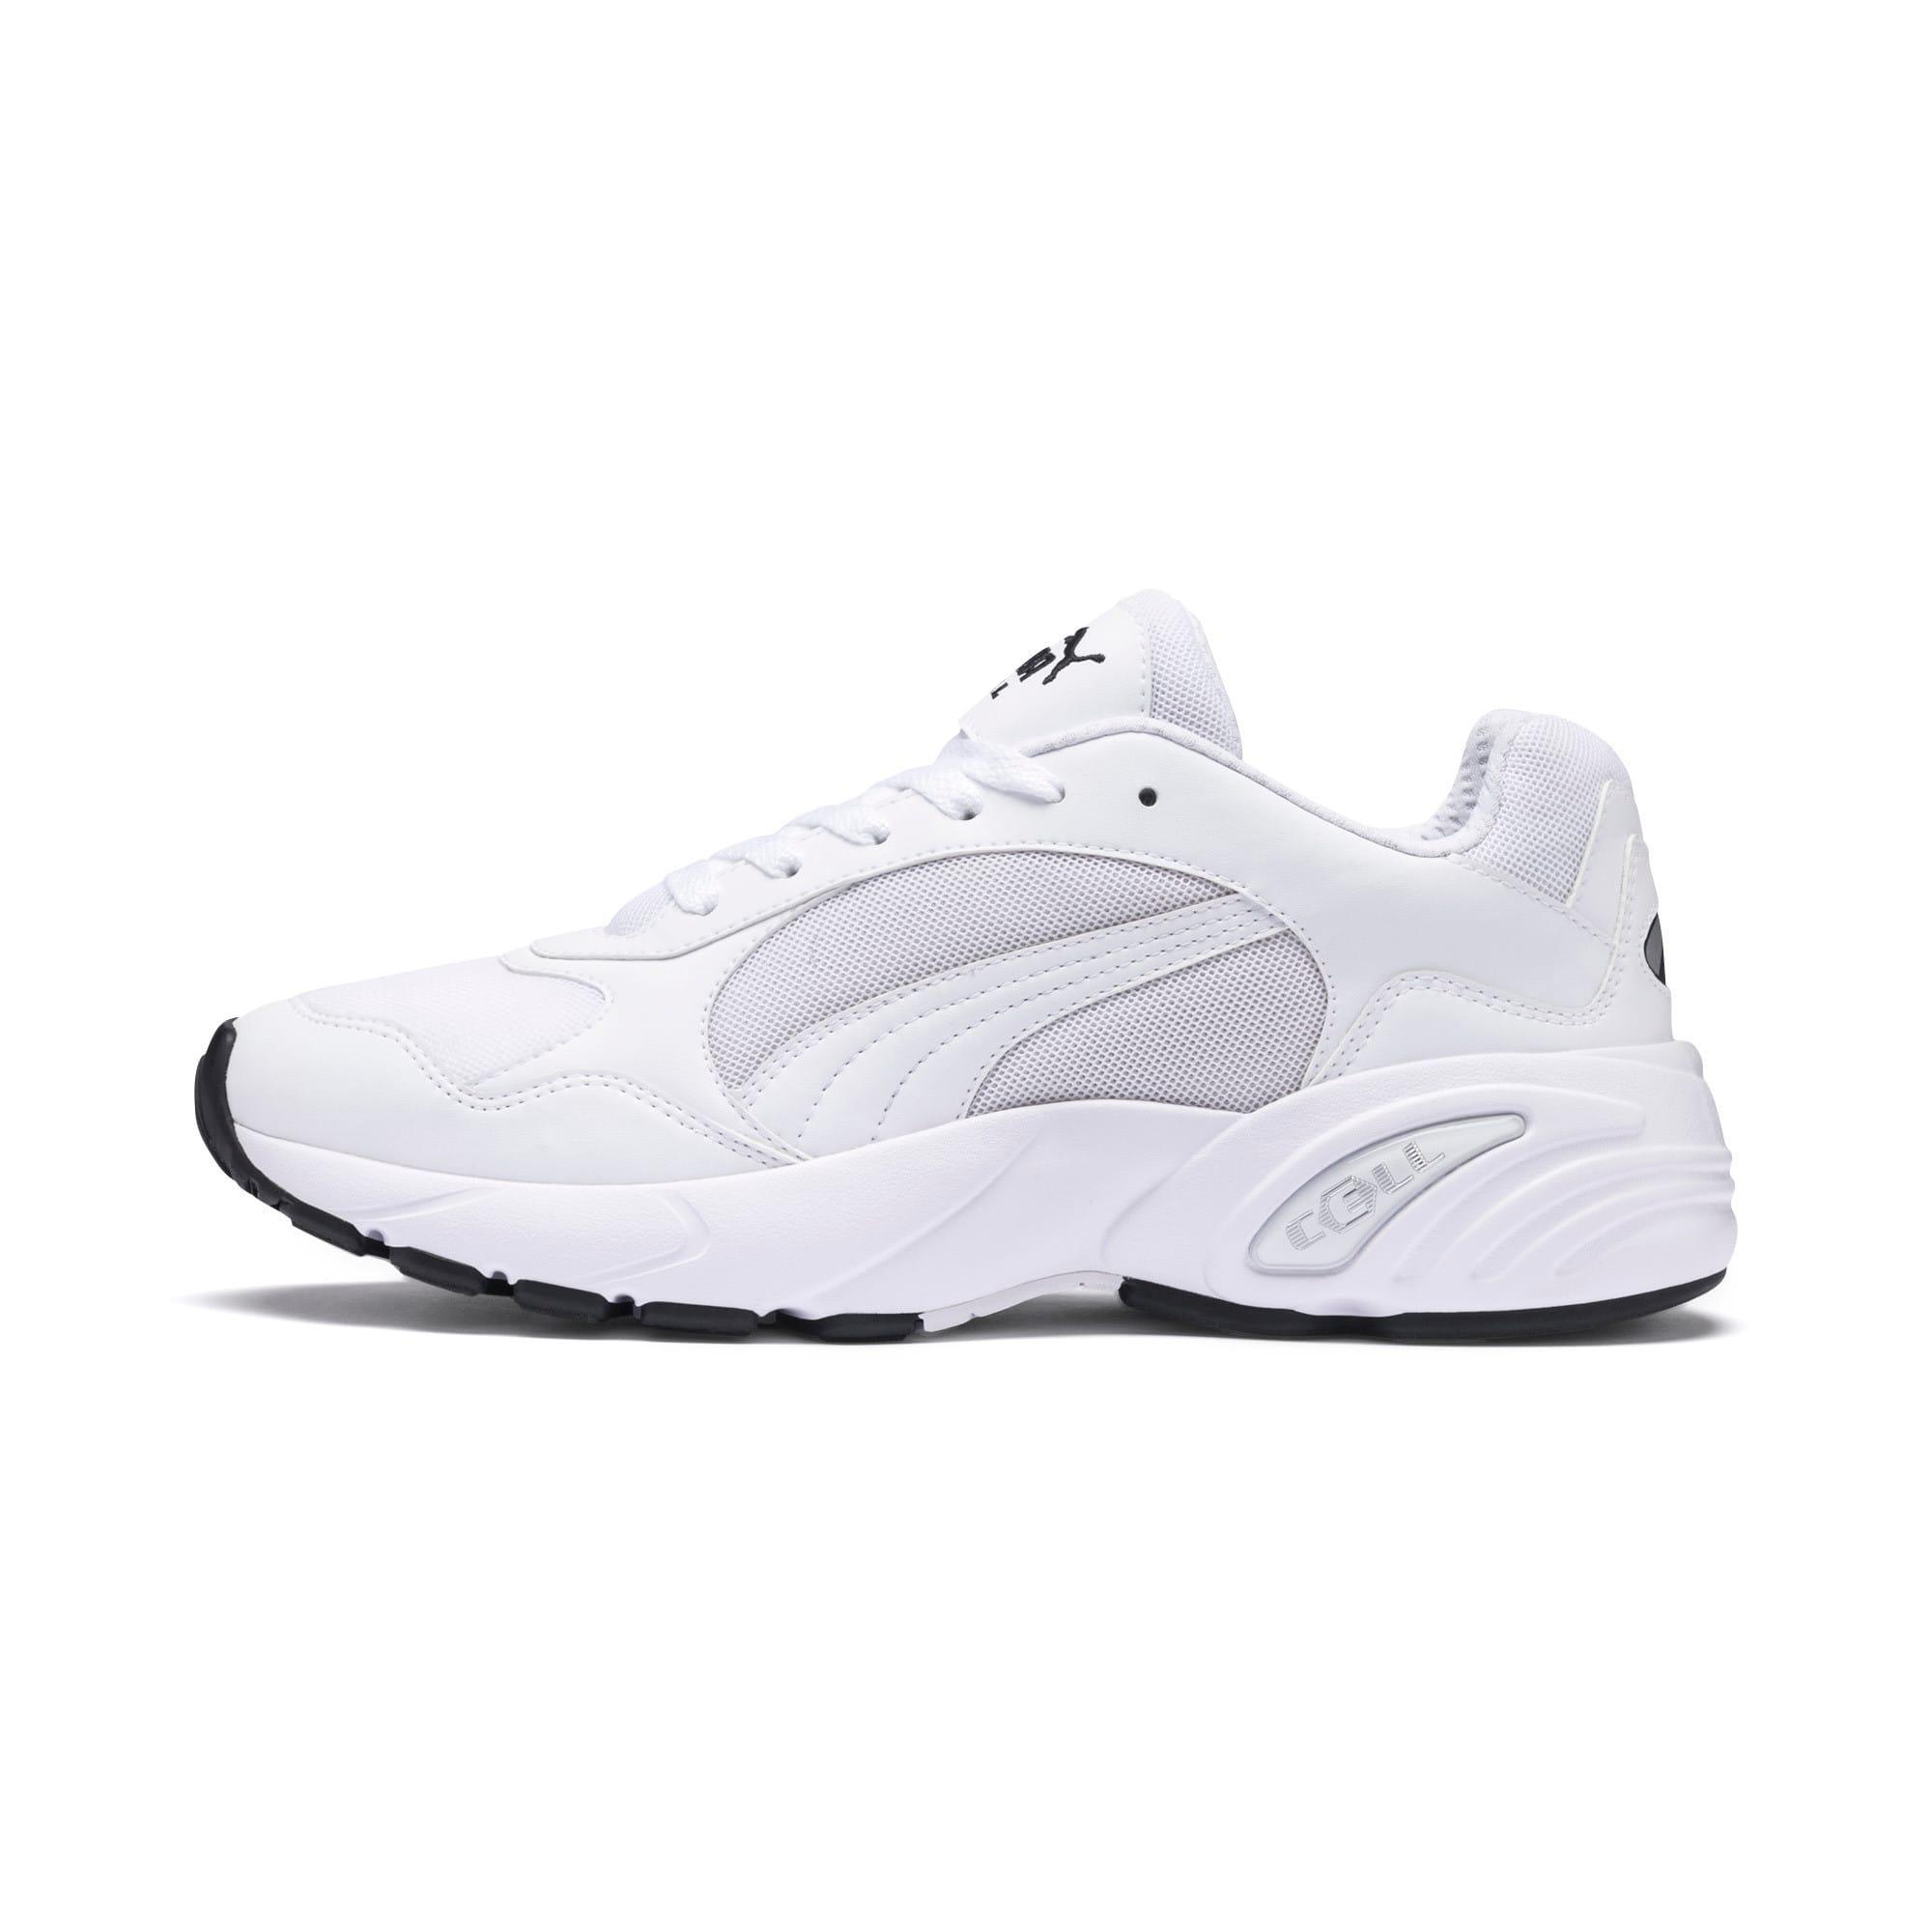 Saldi Puma Cell Viper sneakers in white, Sneakers Puma Uomo